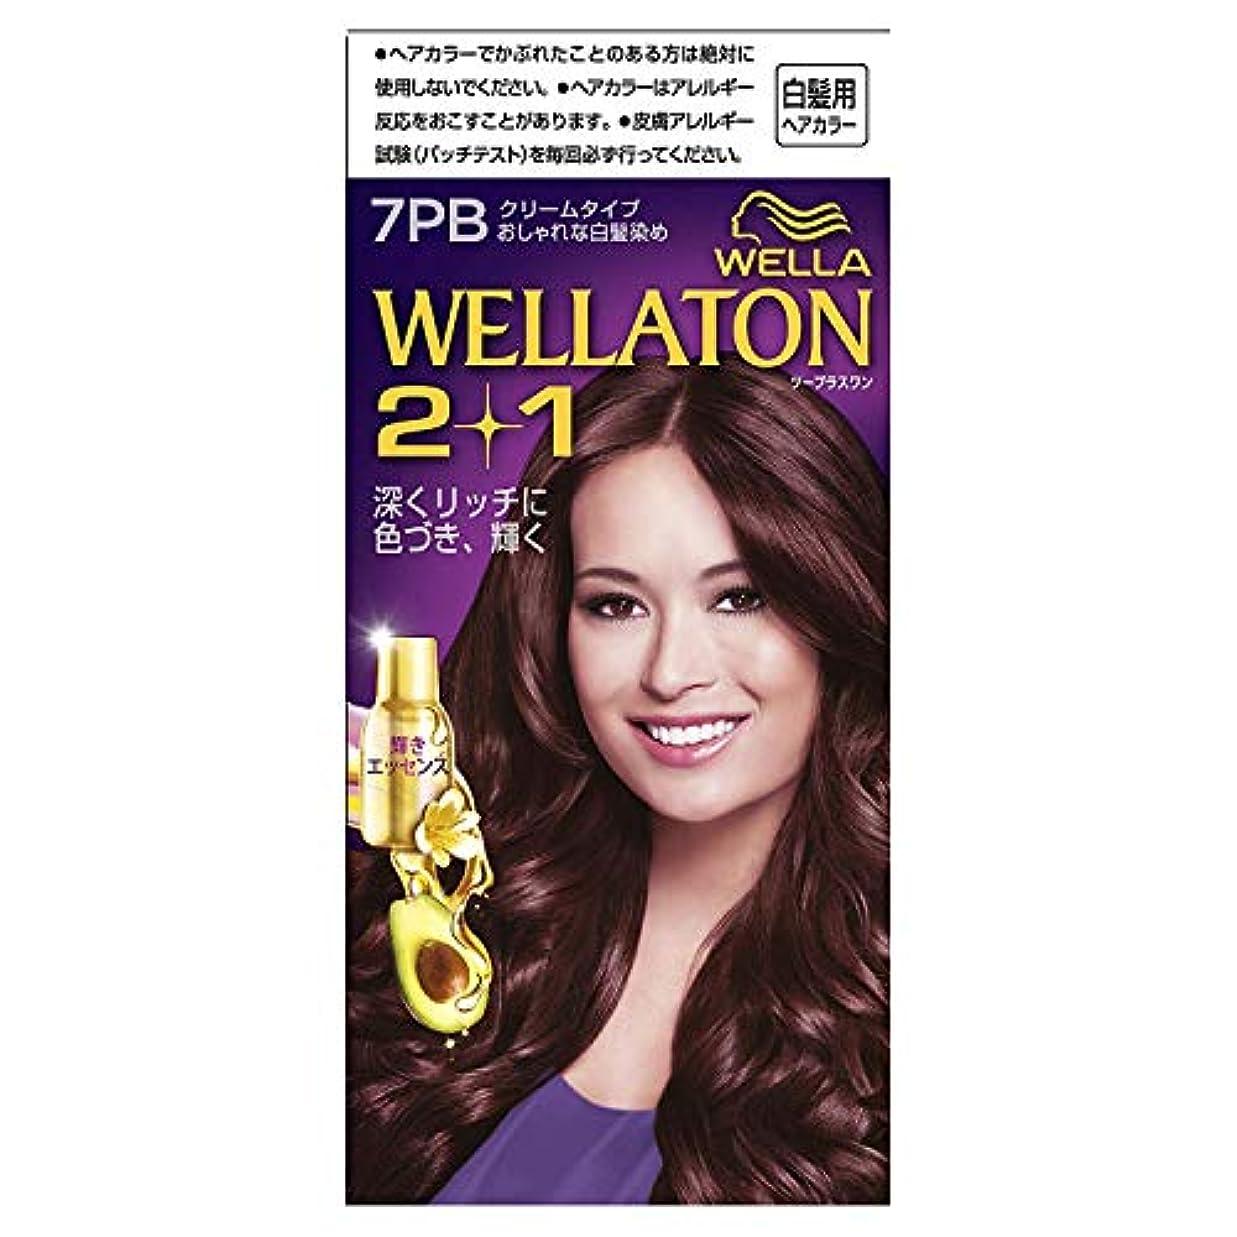 警告真珠のような罰するウエラトーン2+1 白髪染め クリームタイプ 7PB [医薬部外品] ×3個